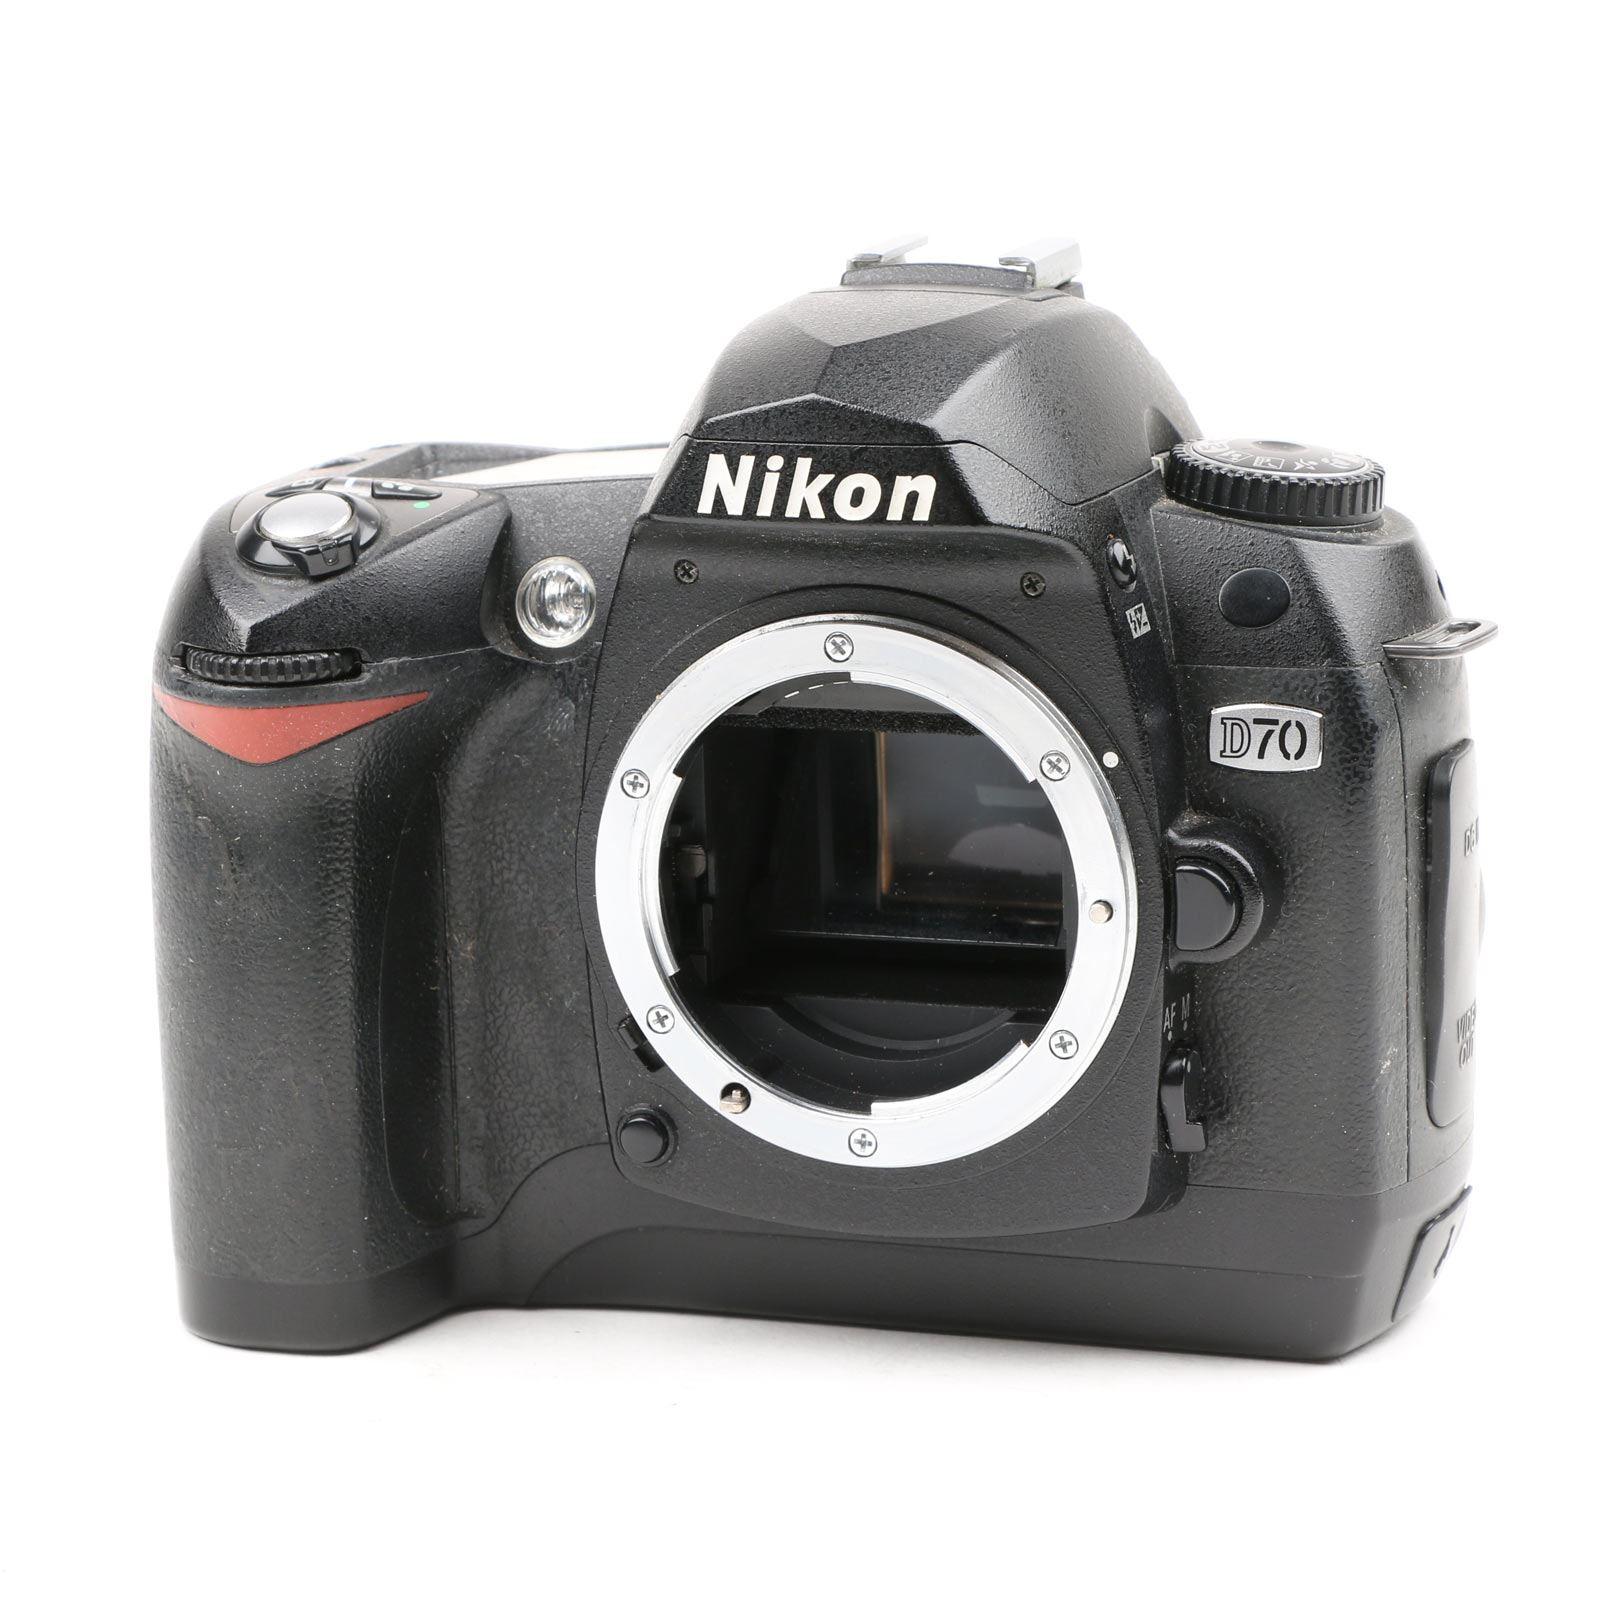 Used Nikon D70 Digital SLR Camera Body